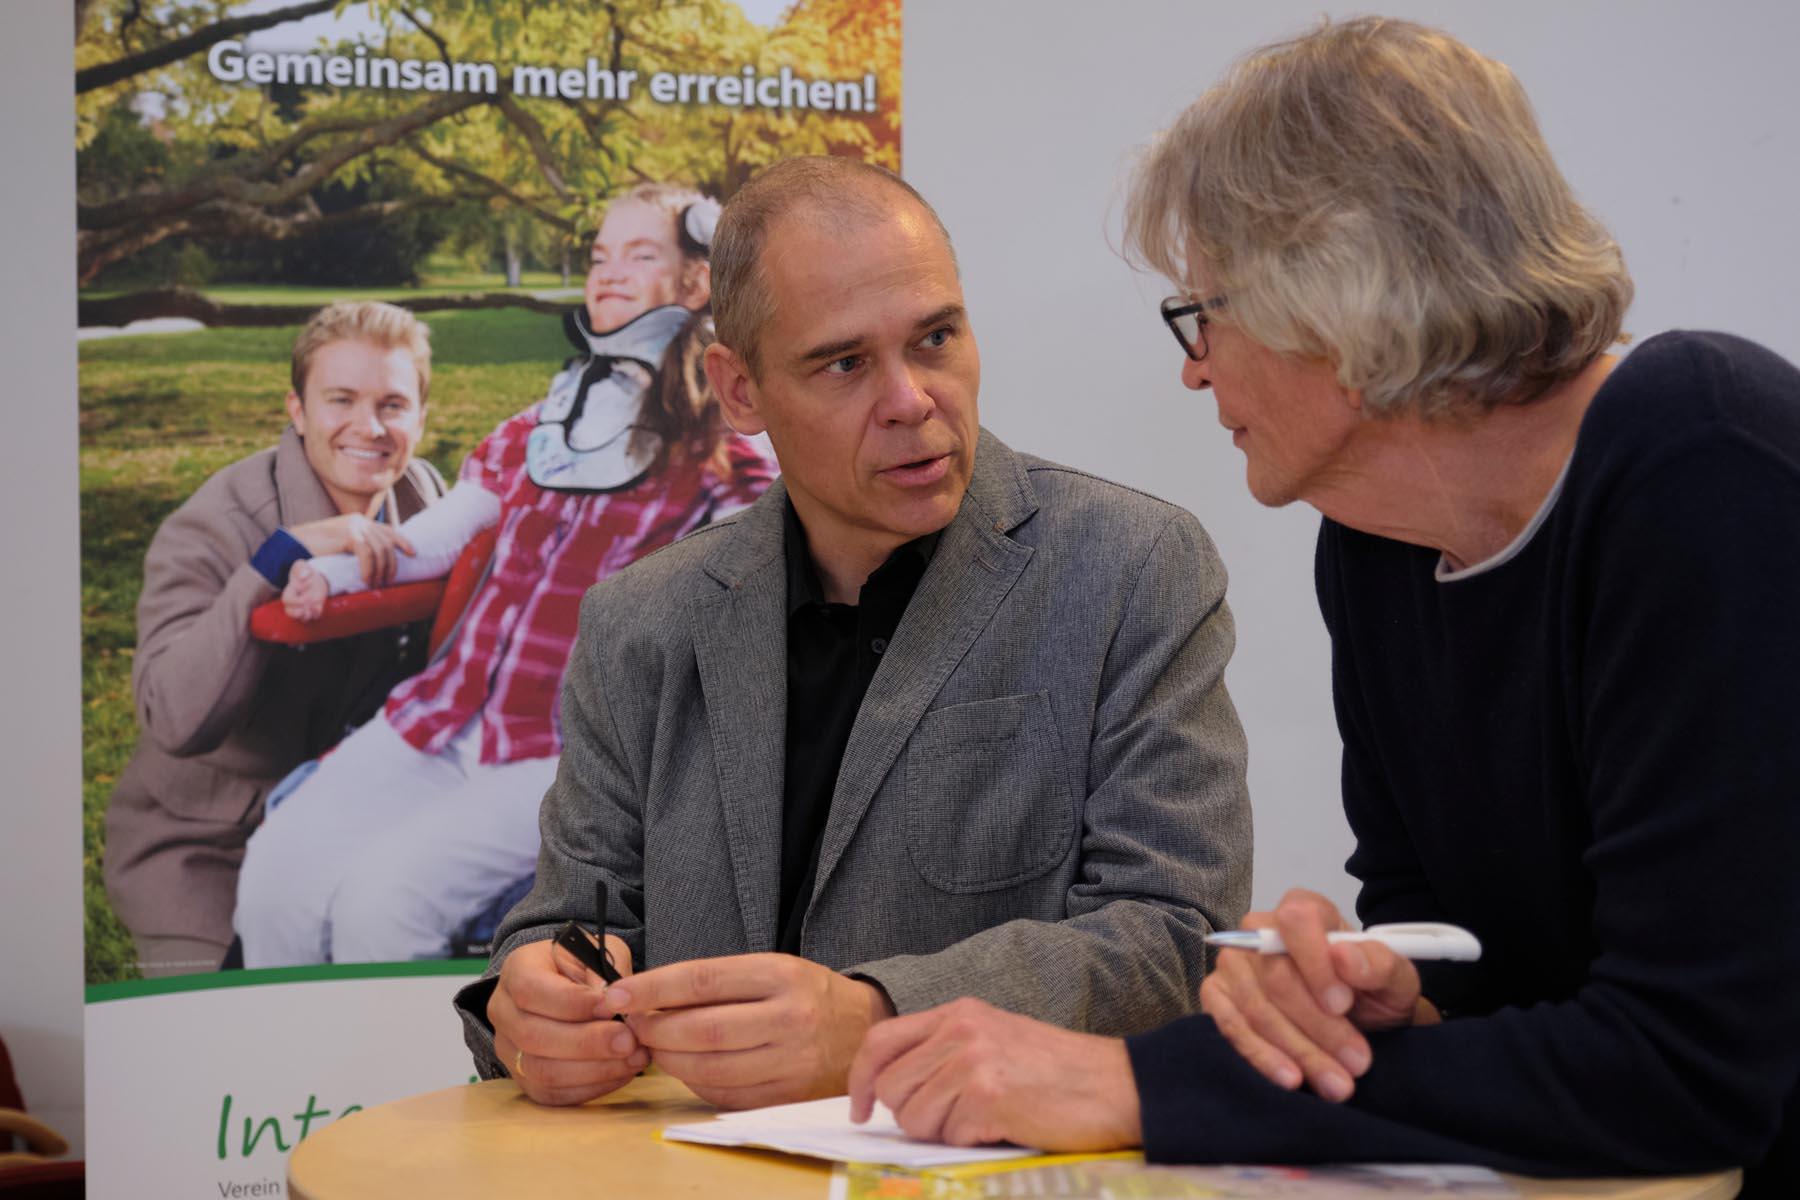 Reporter-Thomas-Pfundtner-und-Markus-Behrendt-vom-Verein-intensivleben-kassel-im-Gespräch-ueber-Probleme-und-schoene-Erlebnisse-mit-den-schwerkranken-Intensivpflegekindern